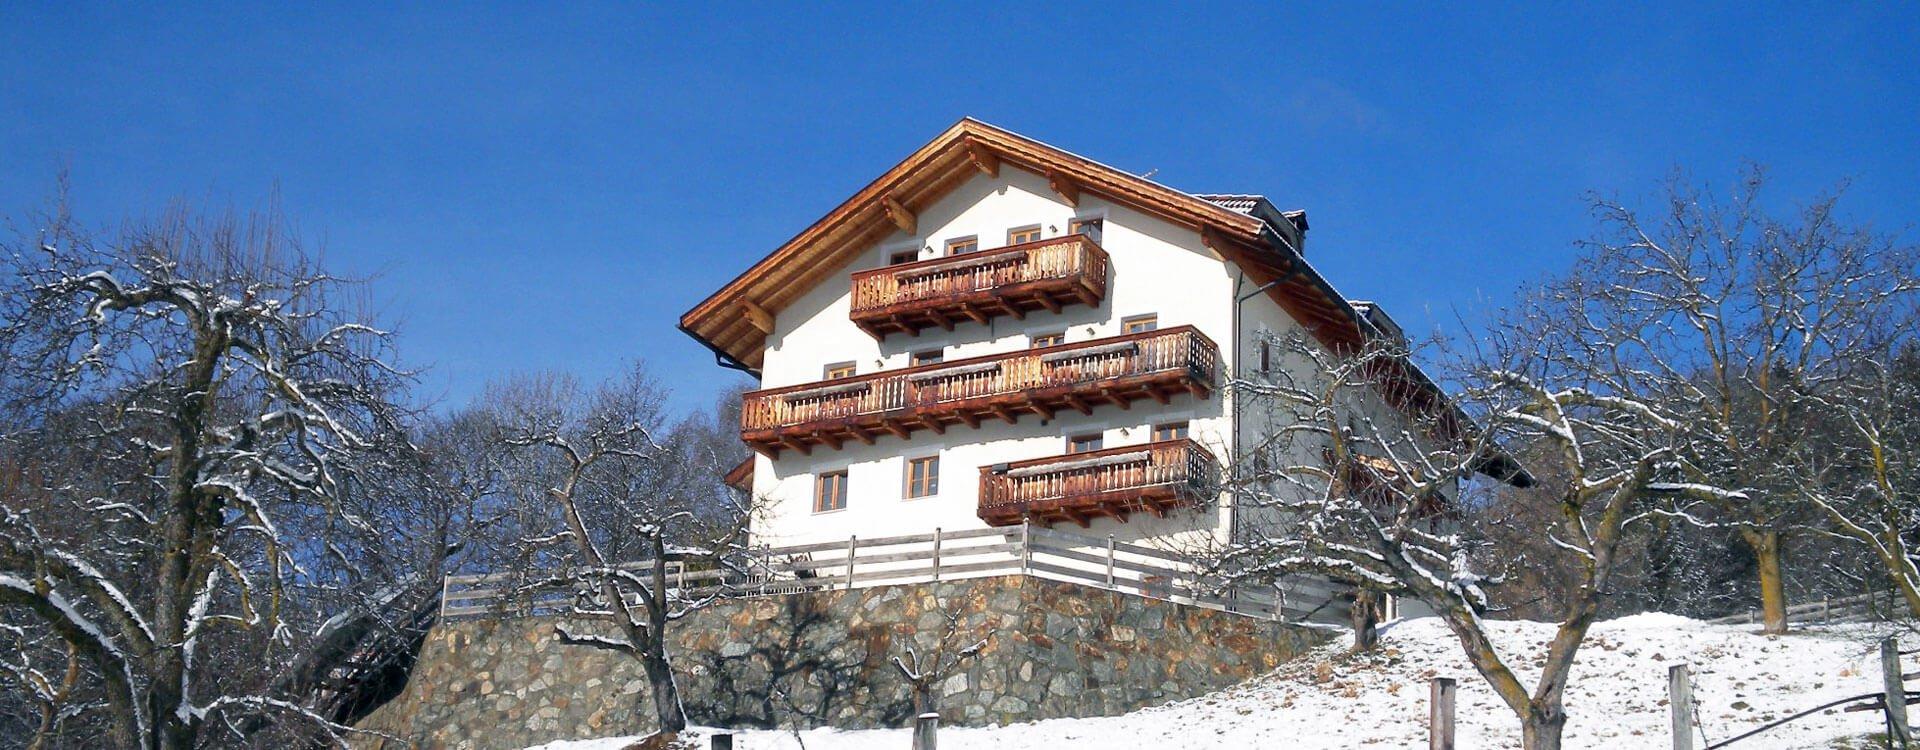 winterurlaub-auf-dem-bauernhof-01